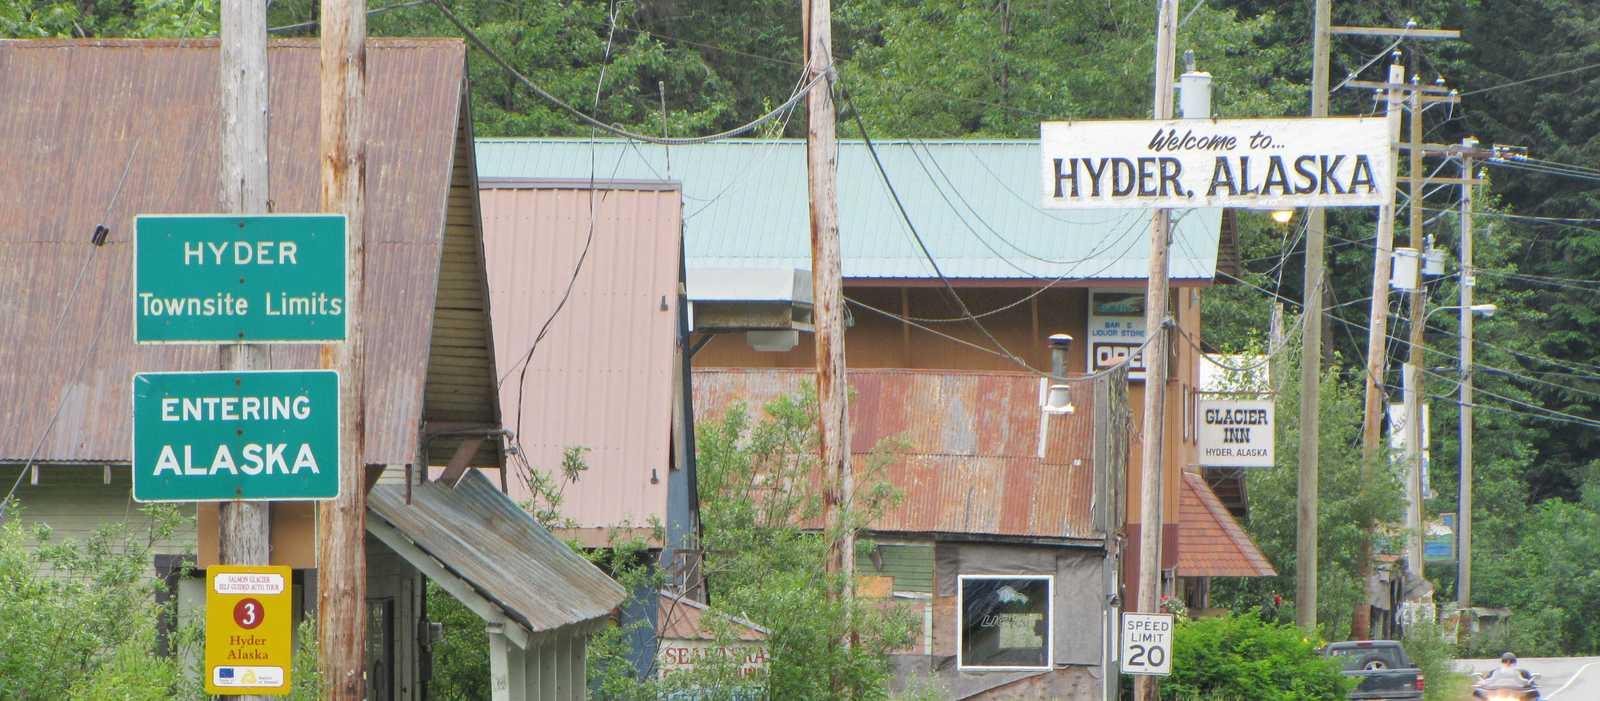 Hyder in Alaska